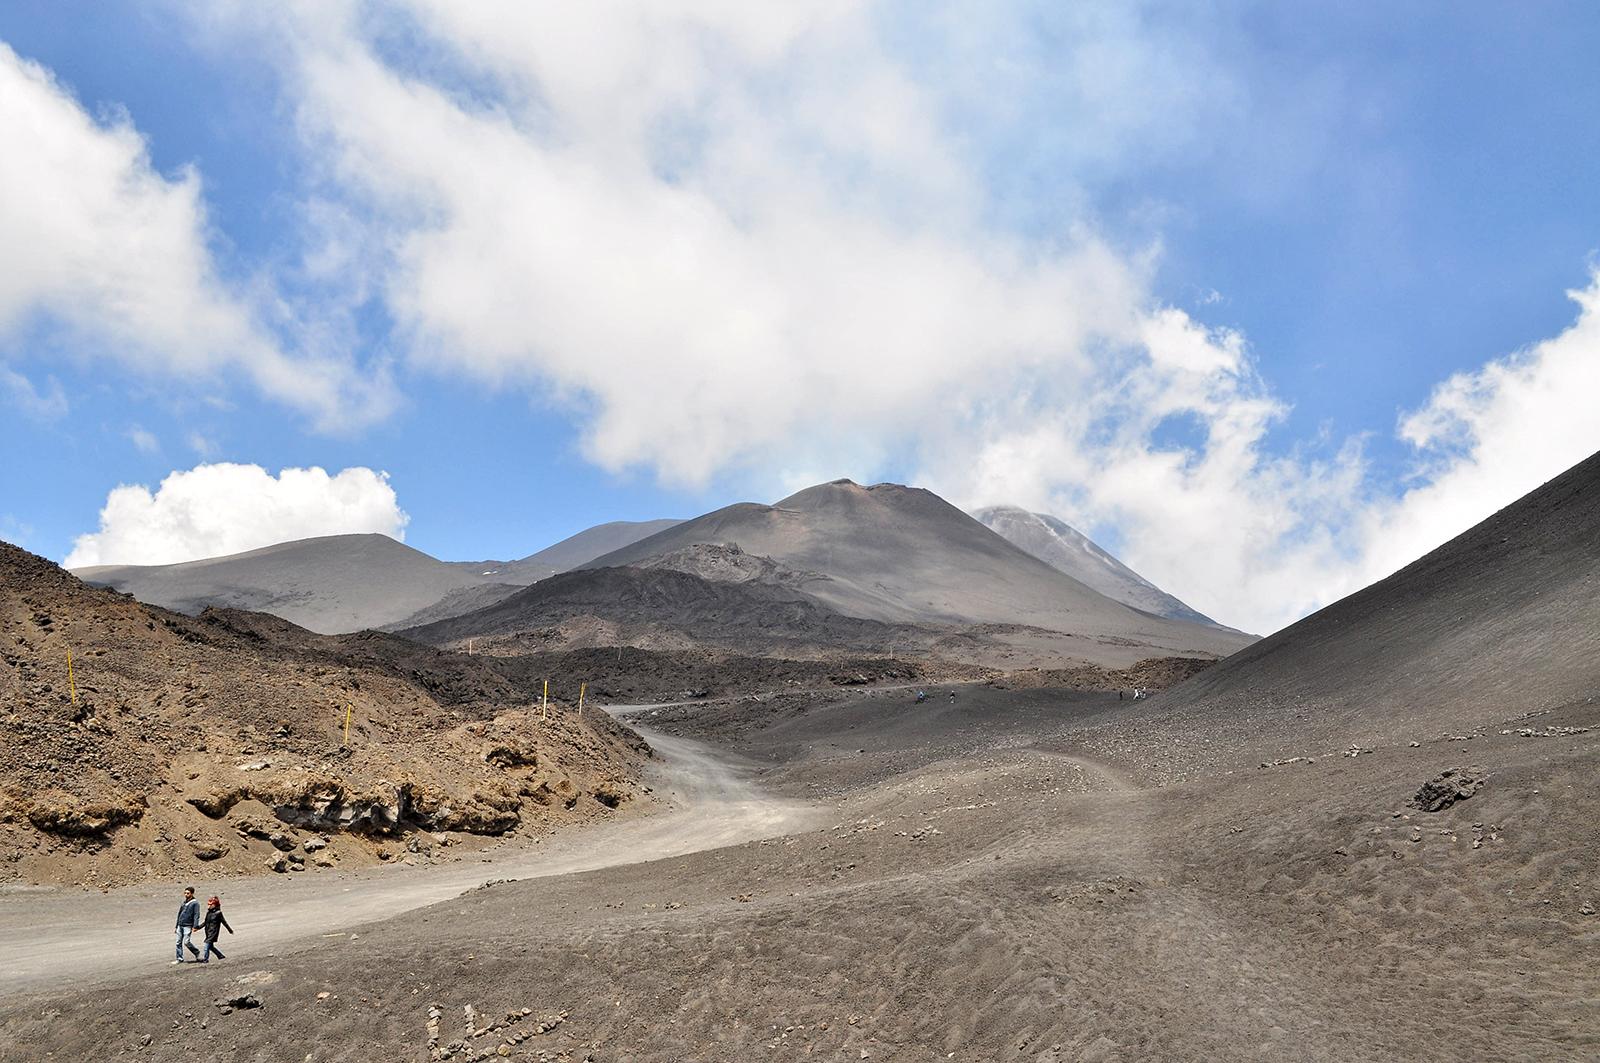 Sycylia Etna trekking